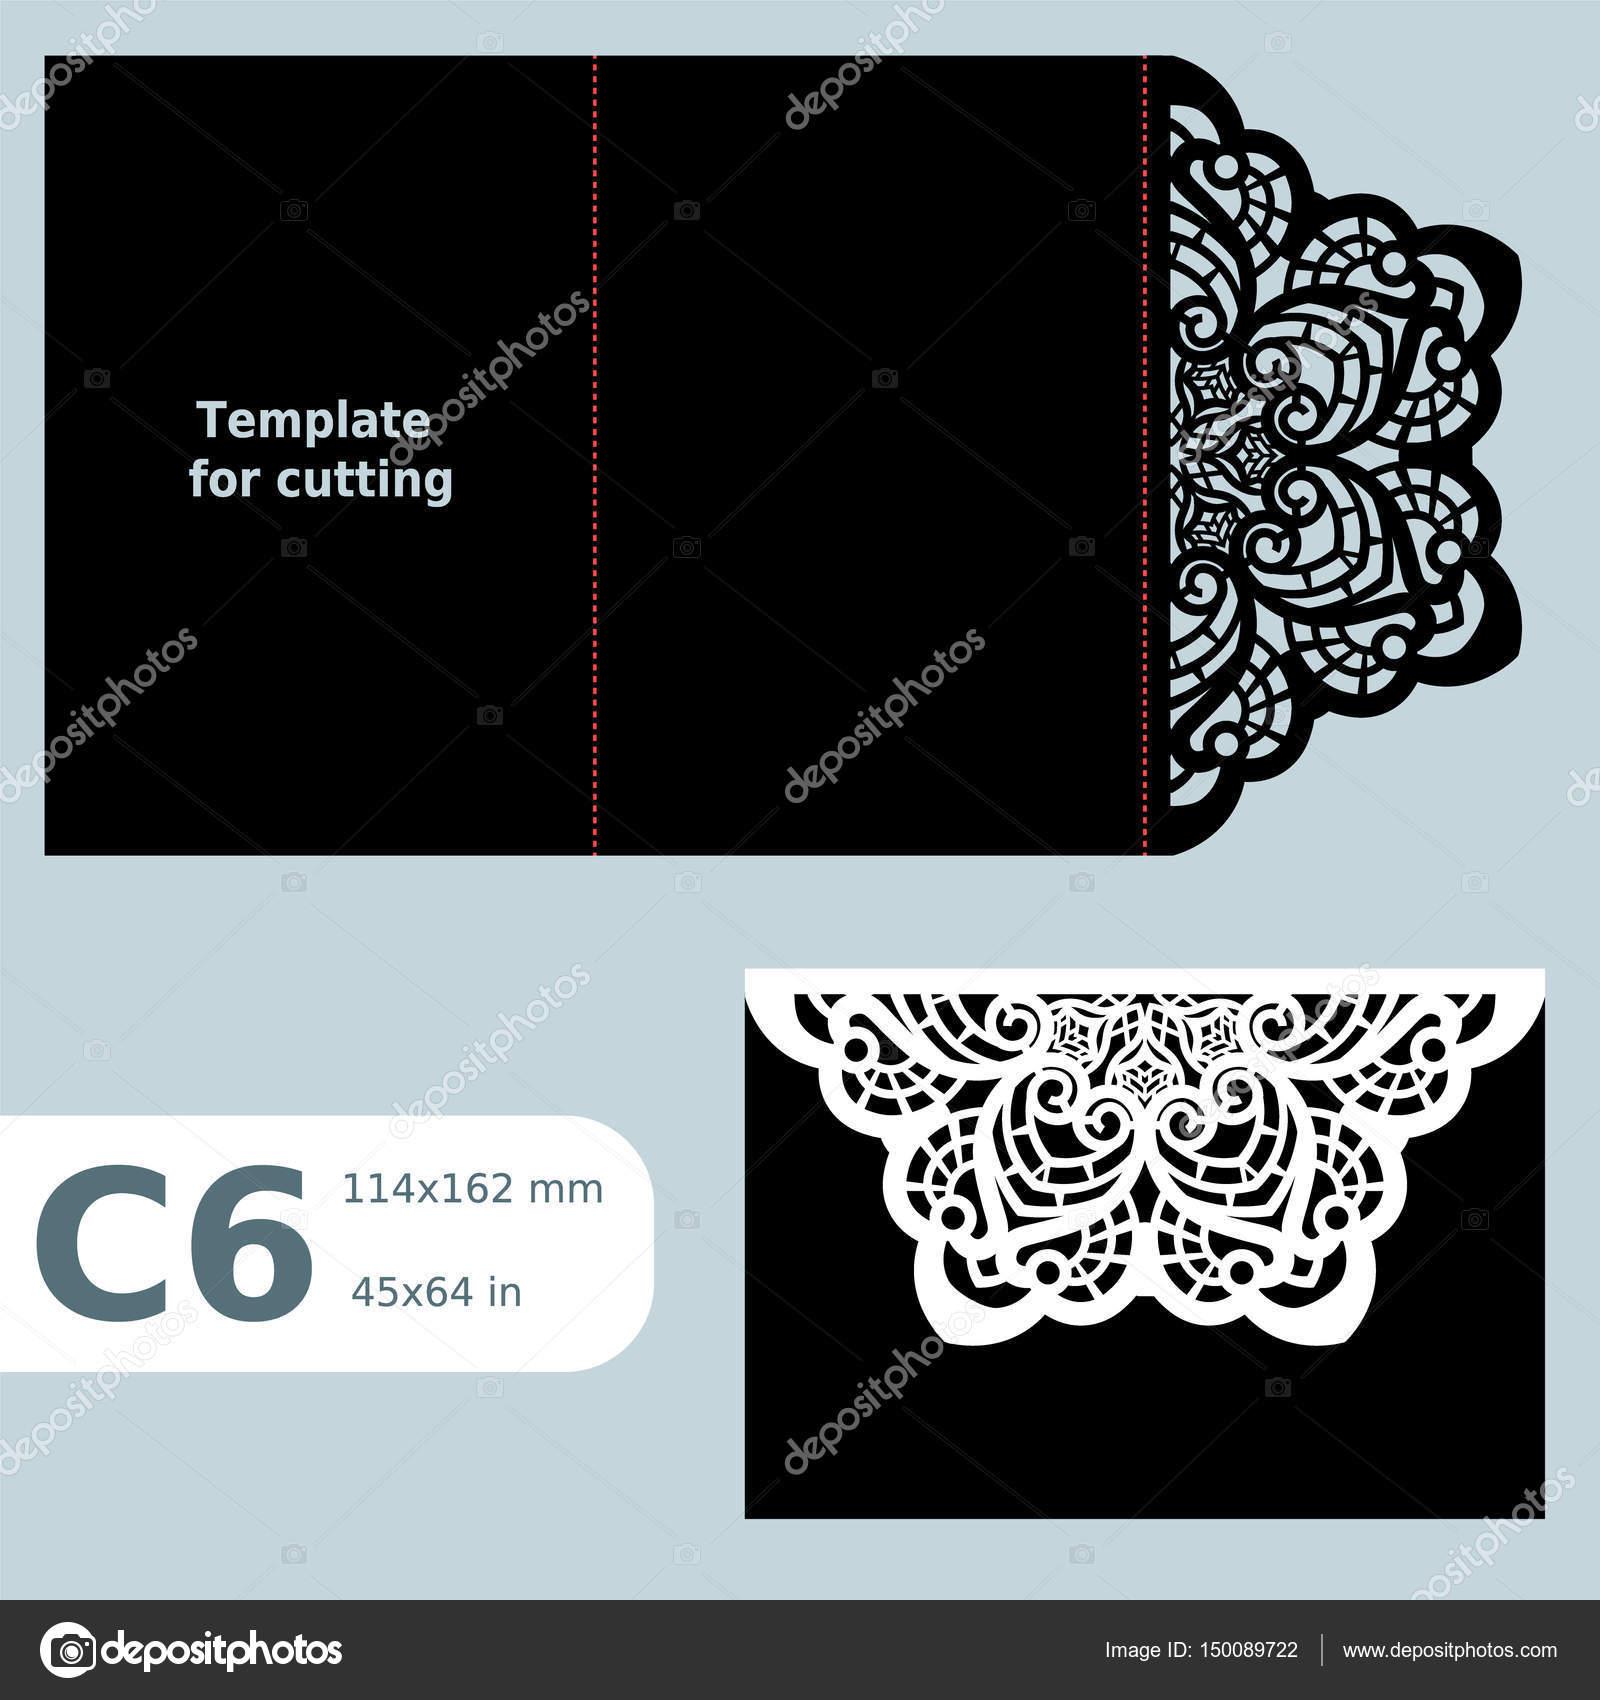 C6 Papier durchbrochenen Grusskarte, Hochzeitseinladung, Vorlage ...